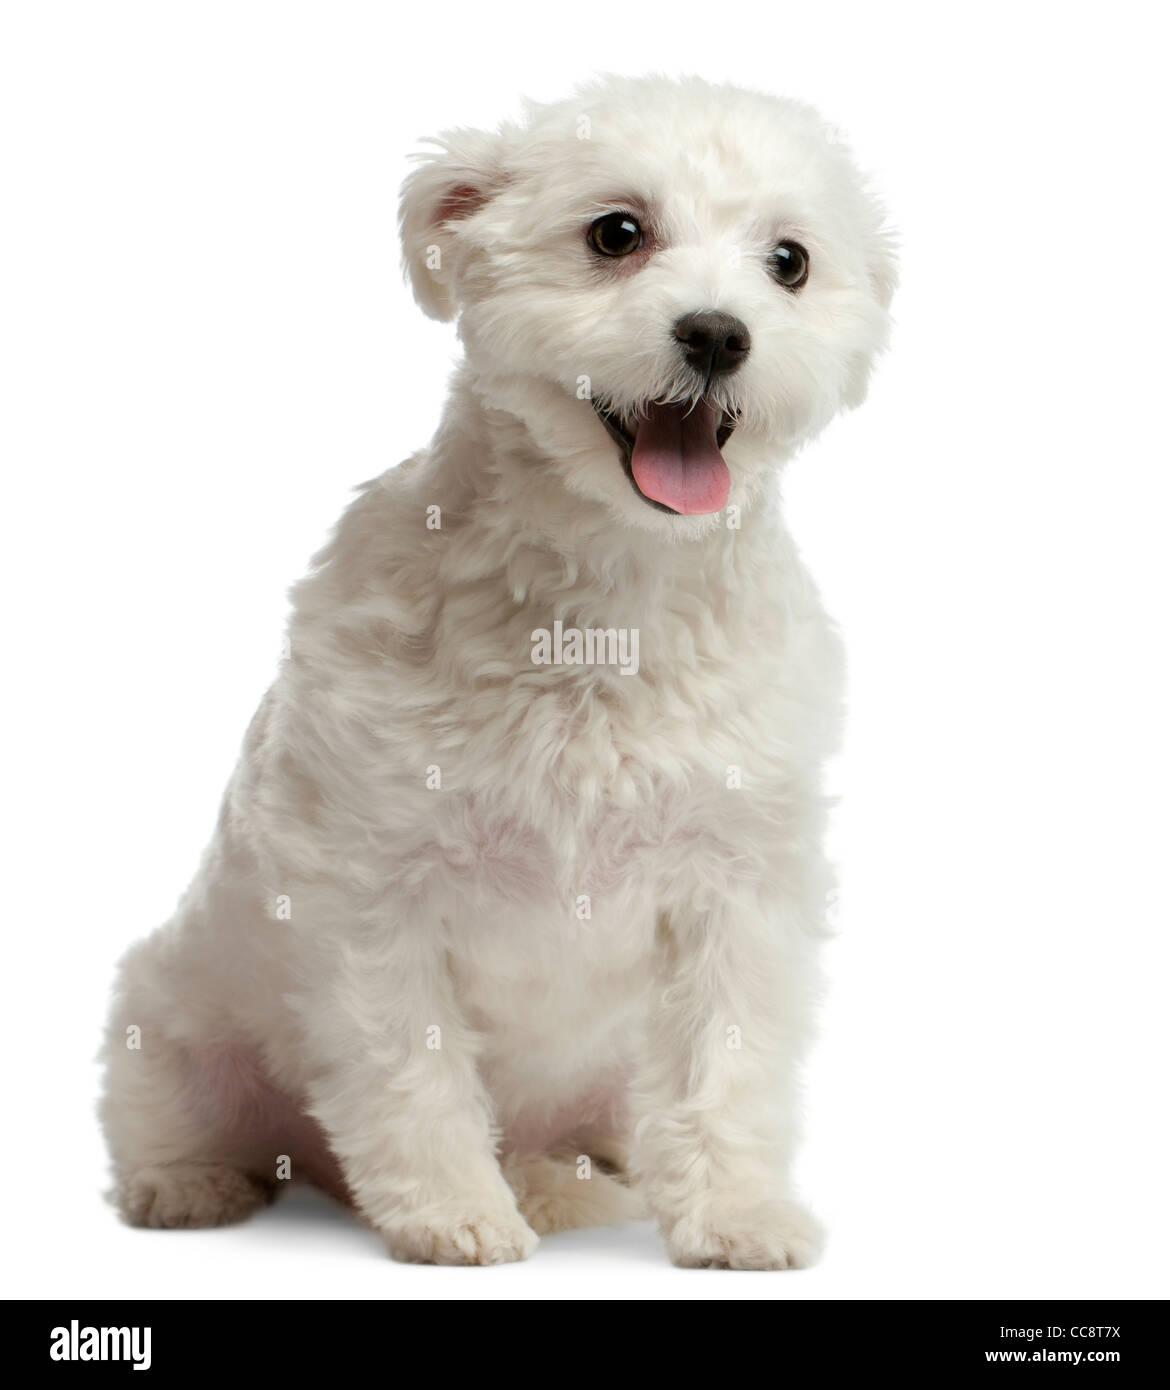 Maltese dog, 1 year old, sitting against white background - Stock Image